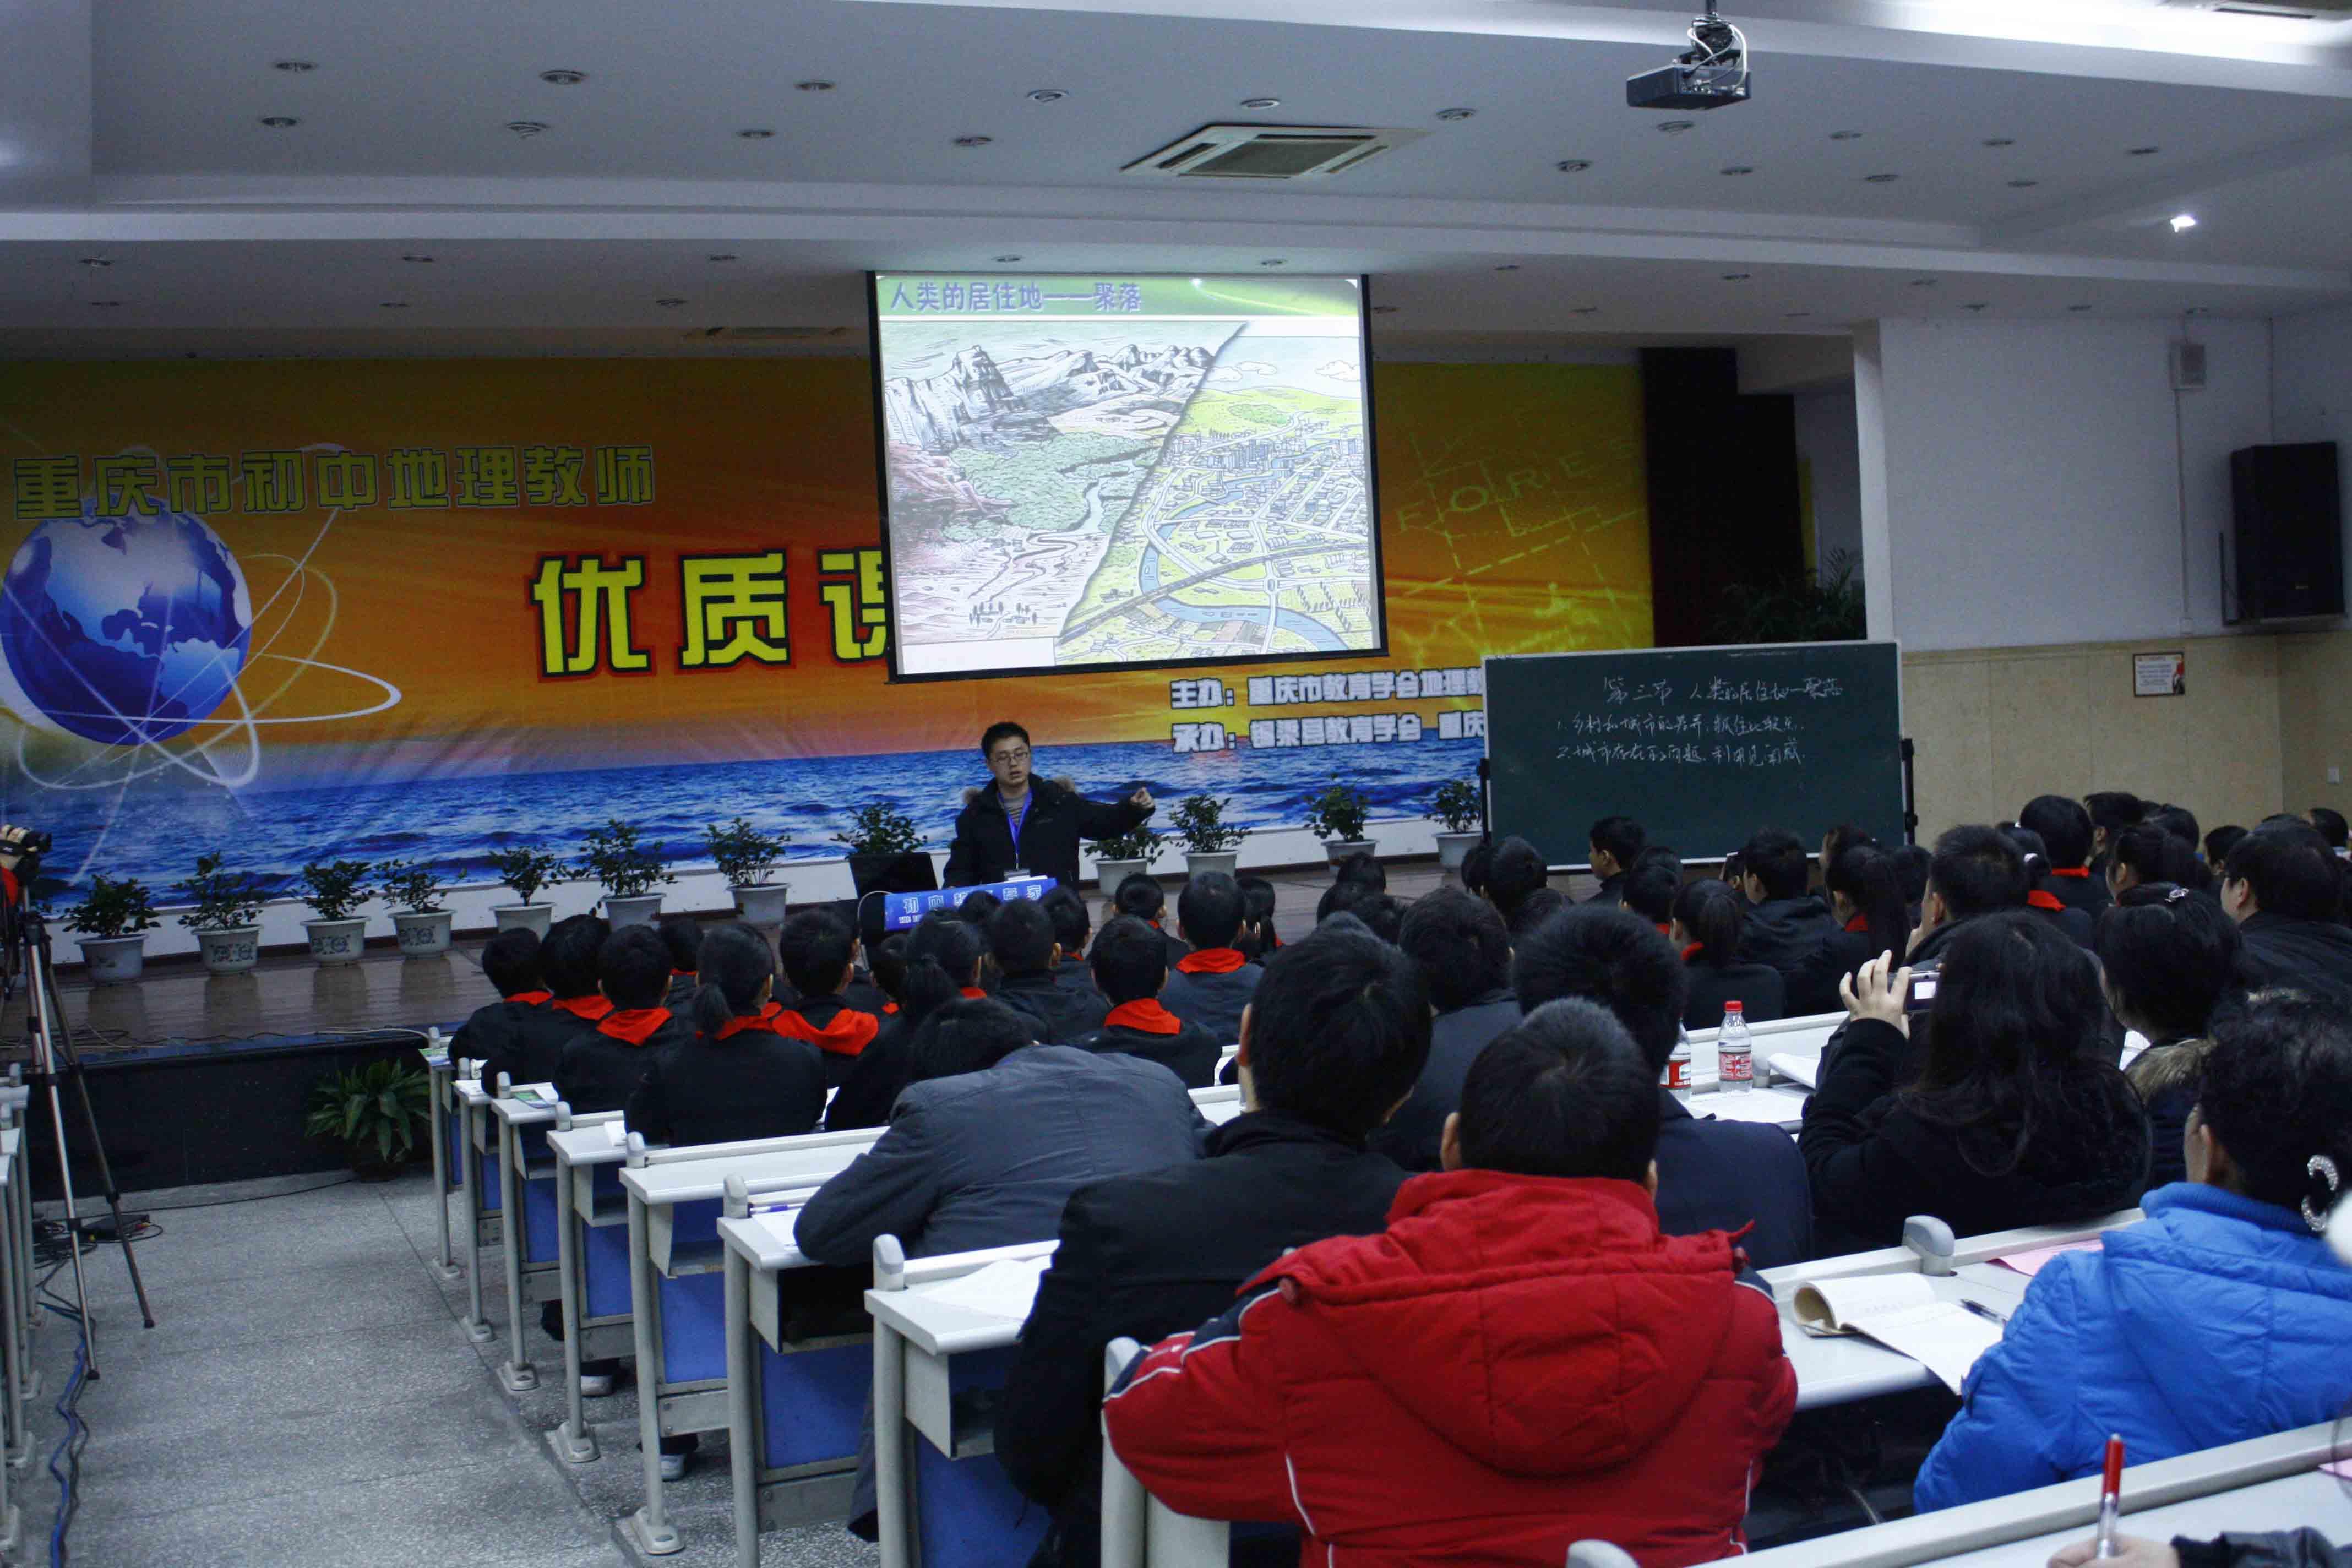 重庆市初中地理教师优质课大赛在我县重庆巴中举行 -巴川中学图片